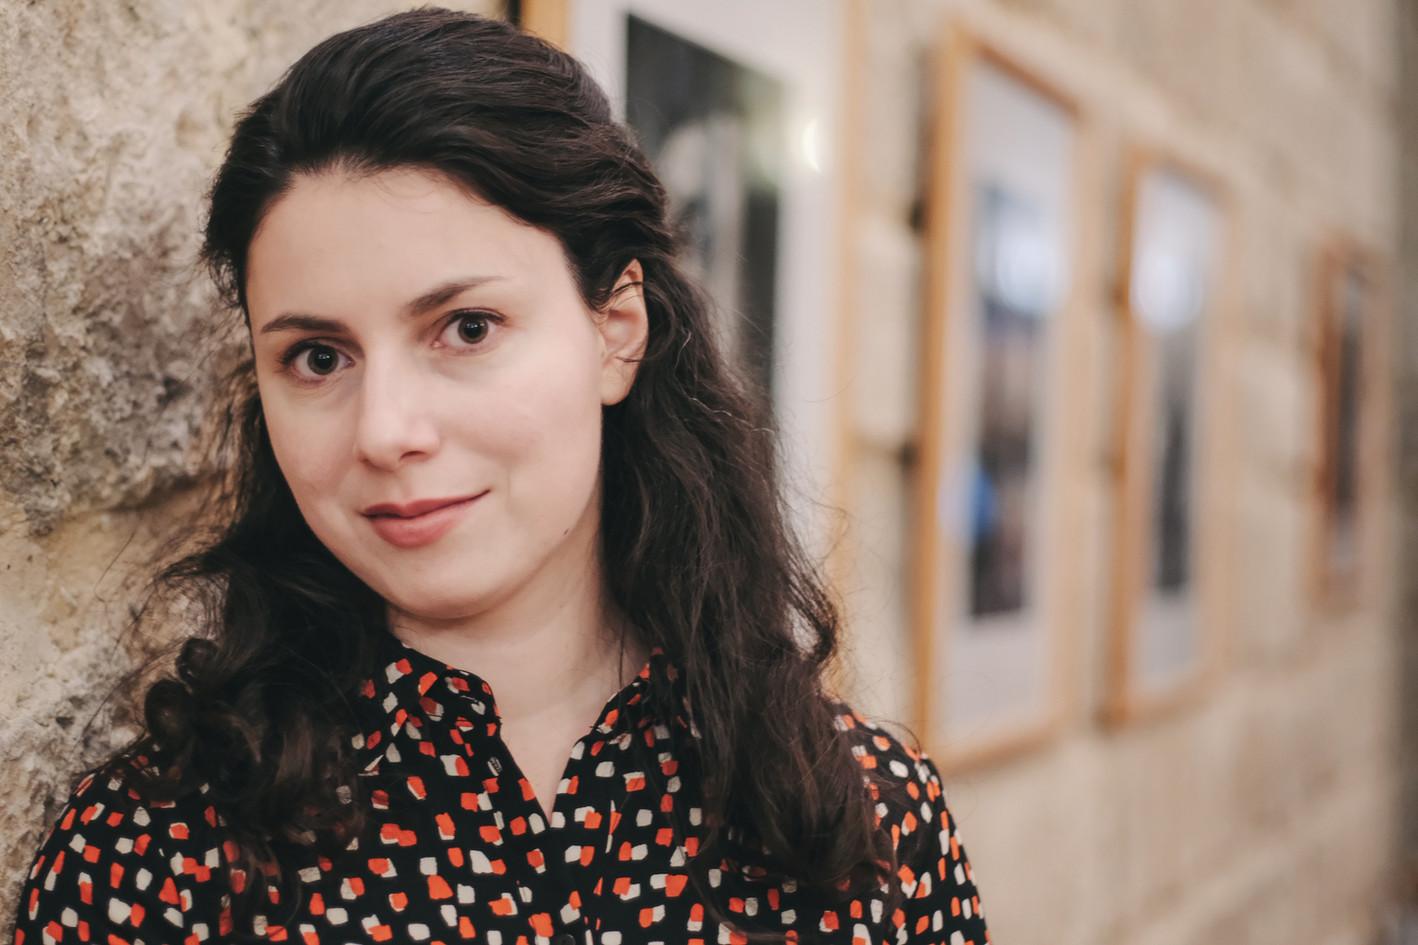 Camille Lemonnier, (c) Alfheidur Erla Gudmundsdottir